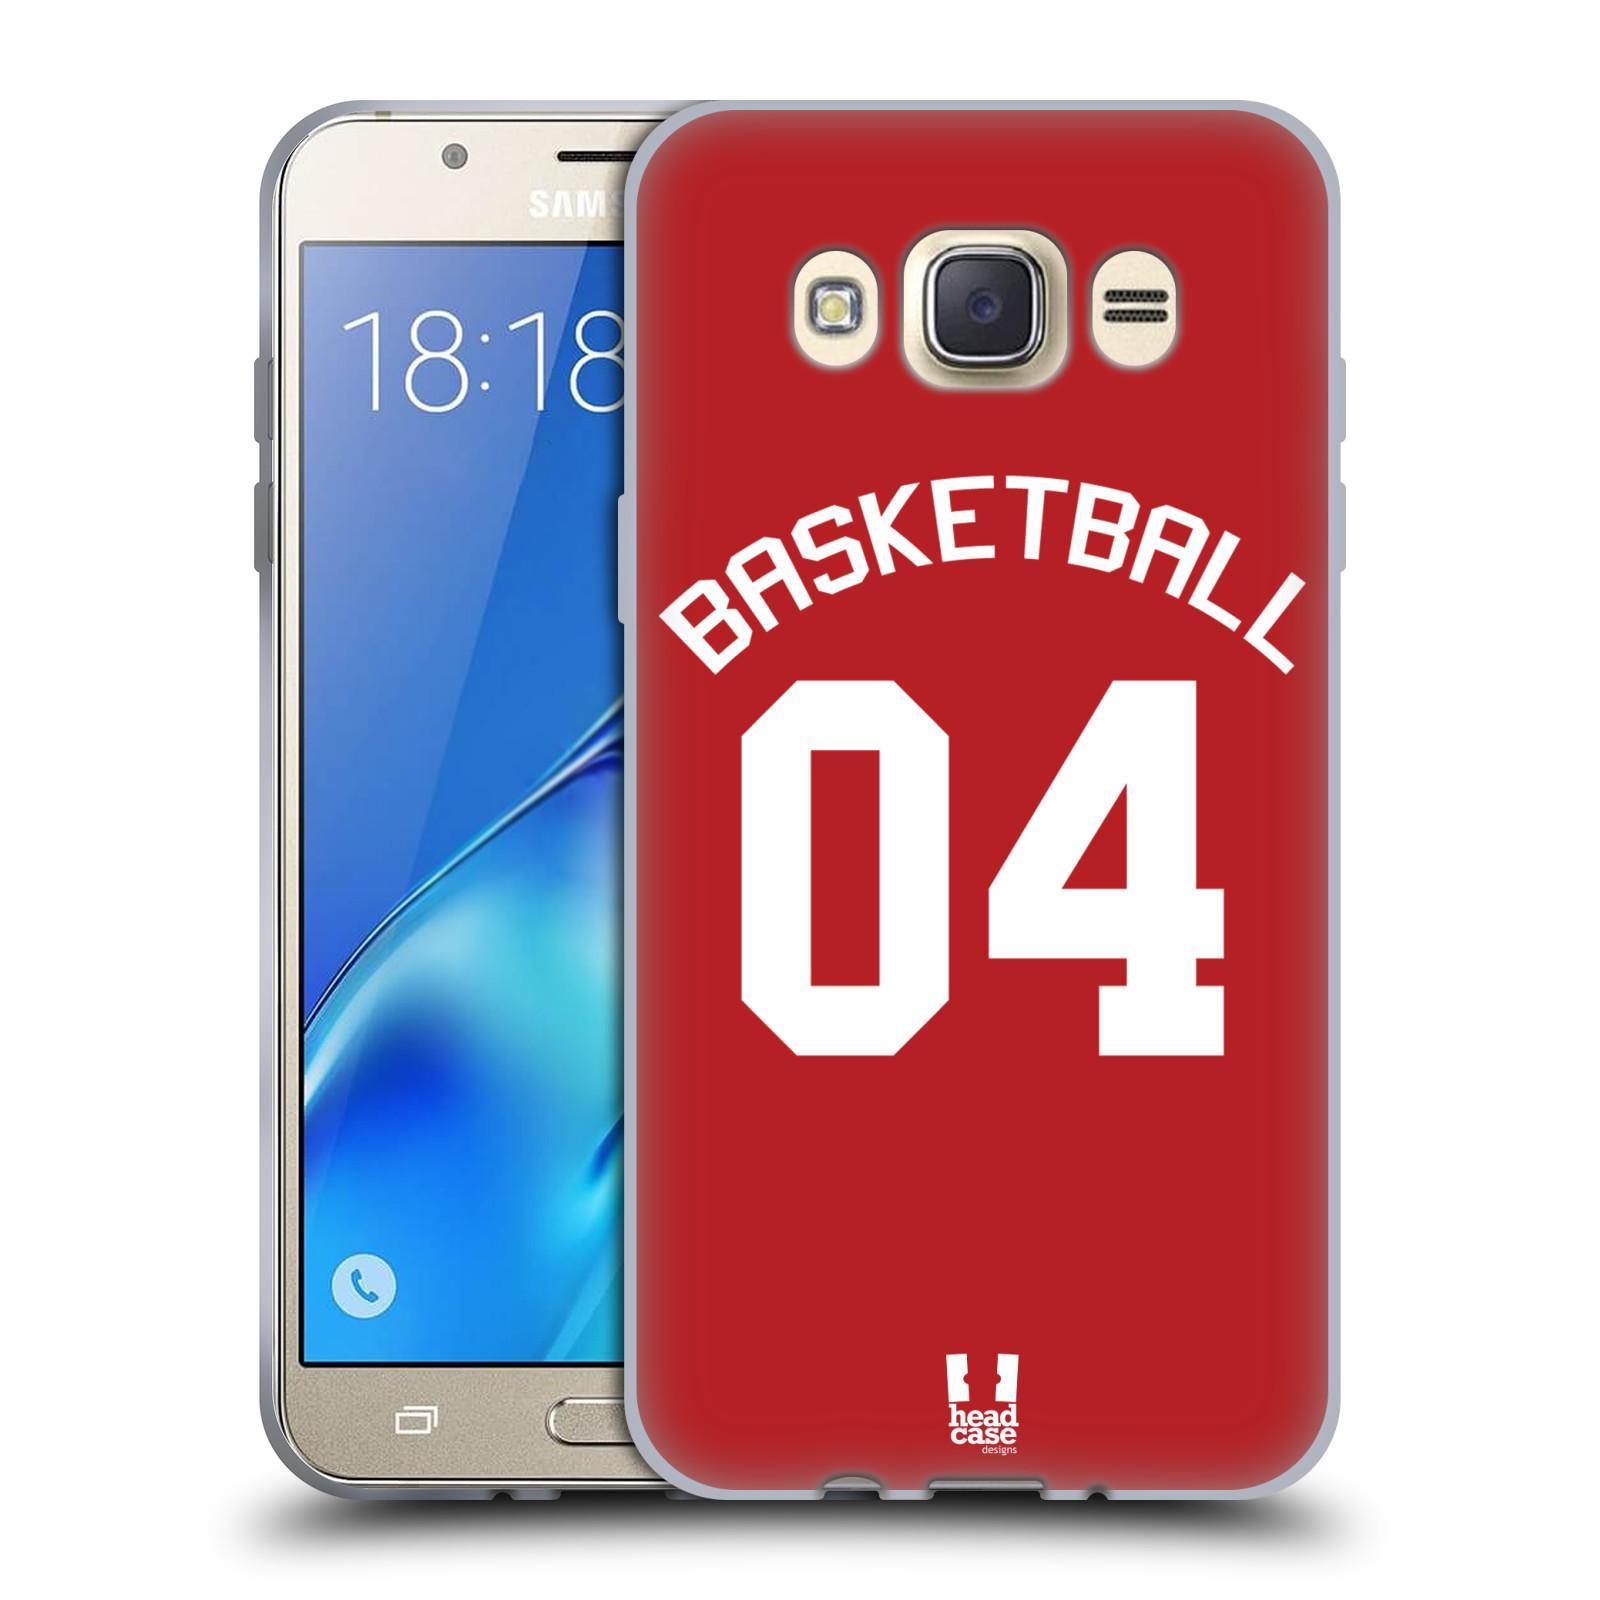 HEAD CASE silikonový obal na mobil Samsung Galaxy J7 2016 Sportovní dres Basketbal červený